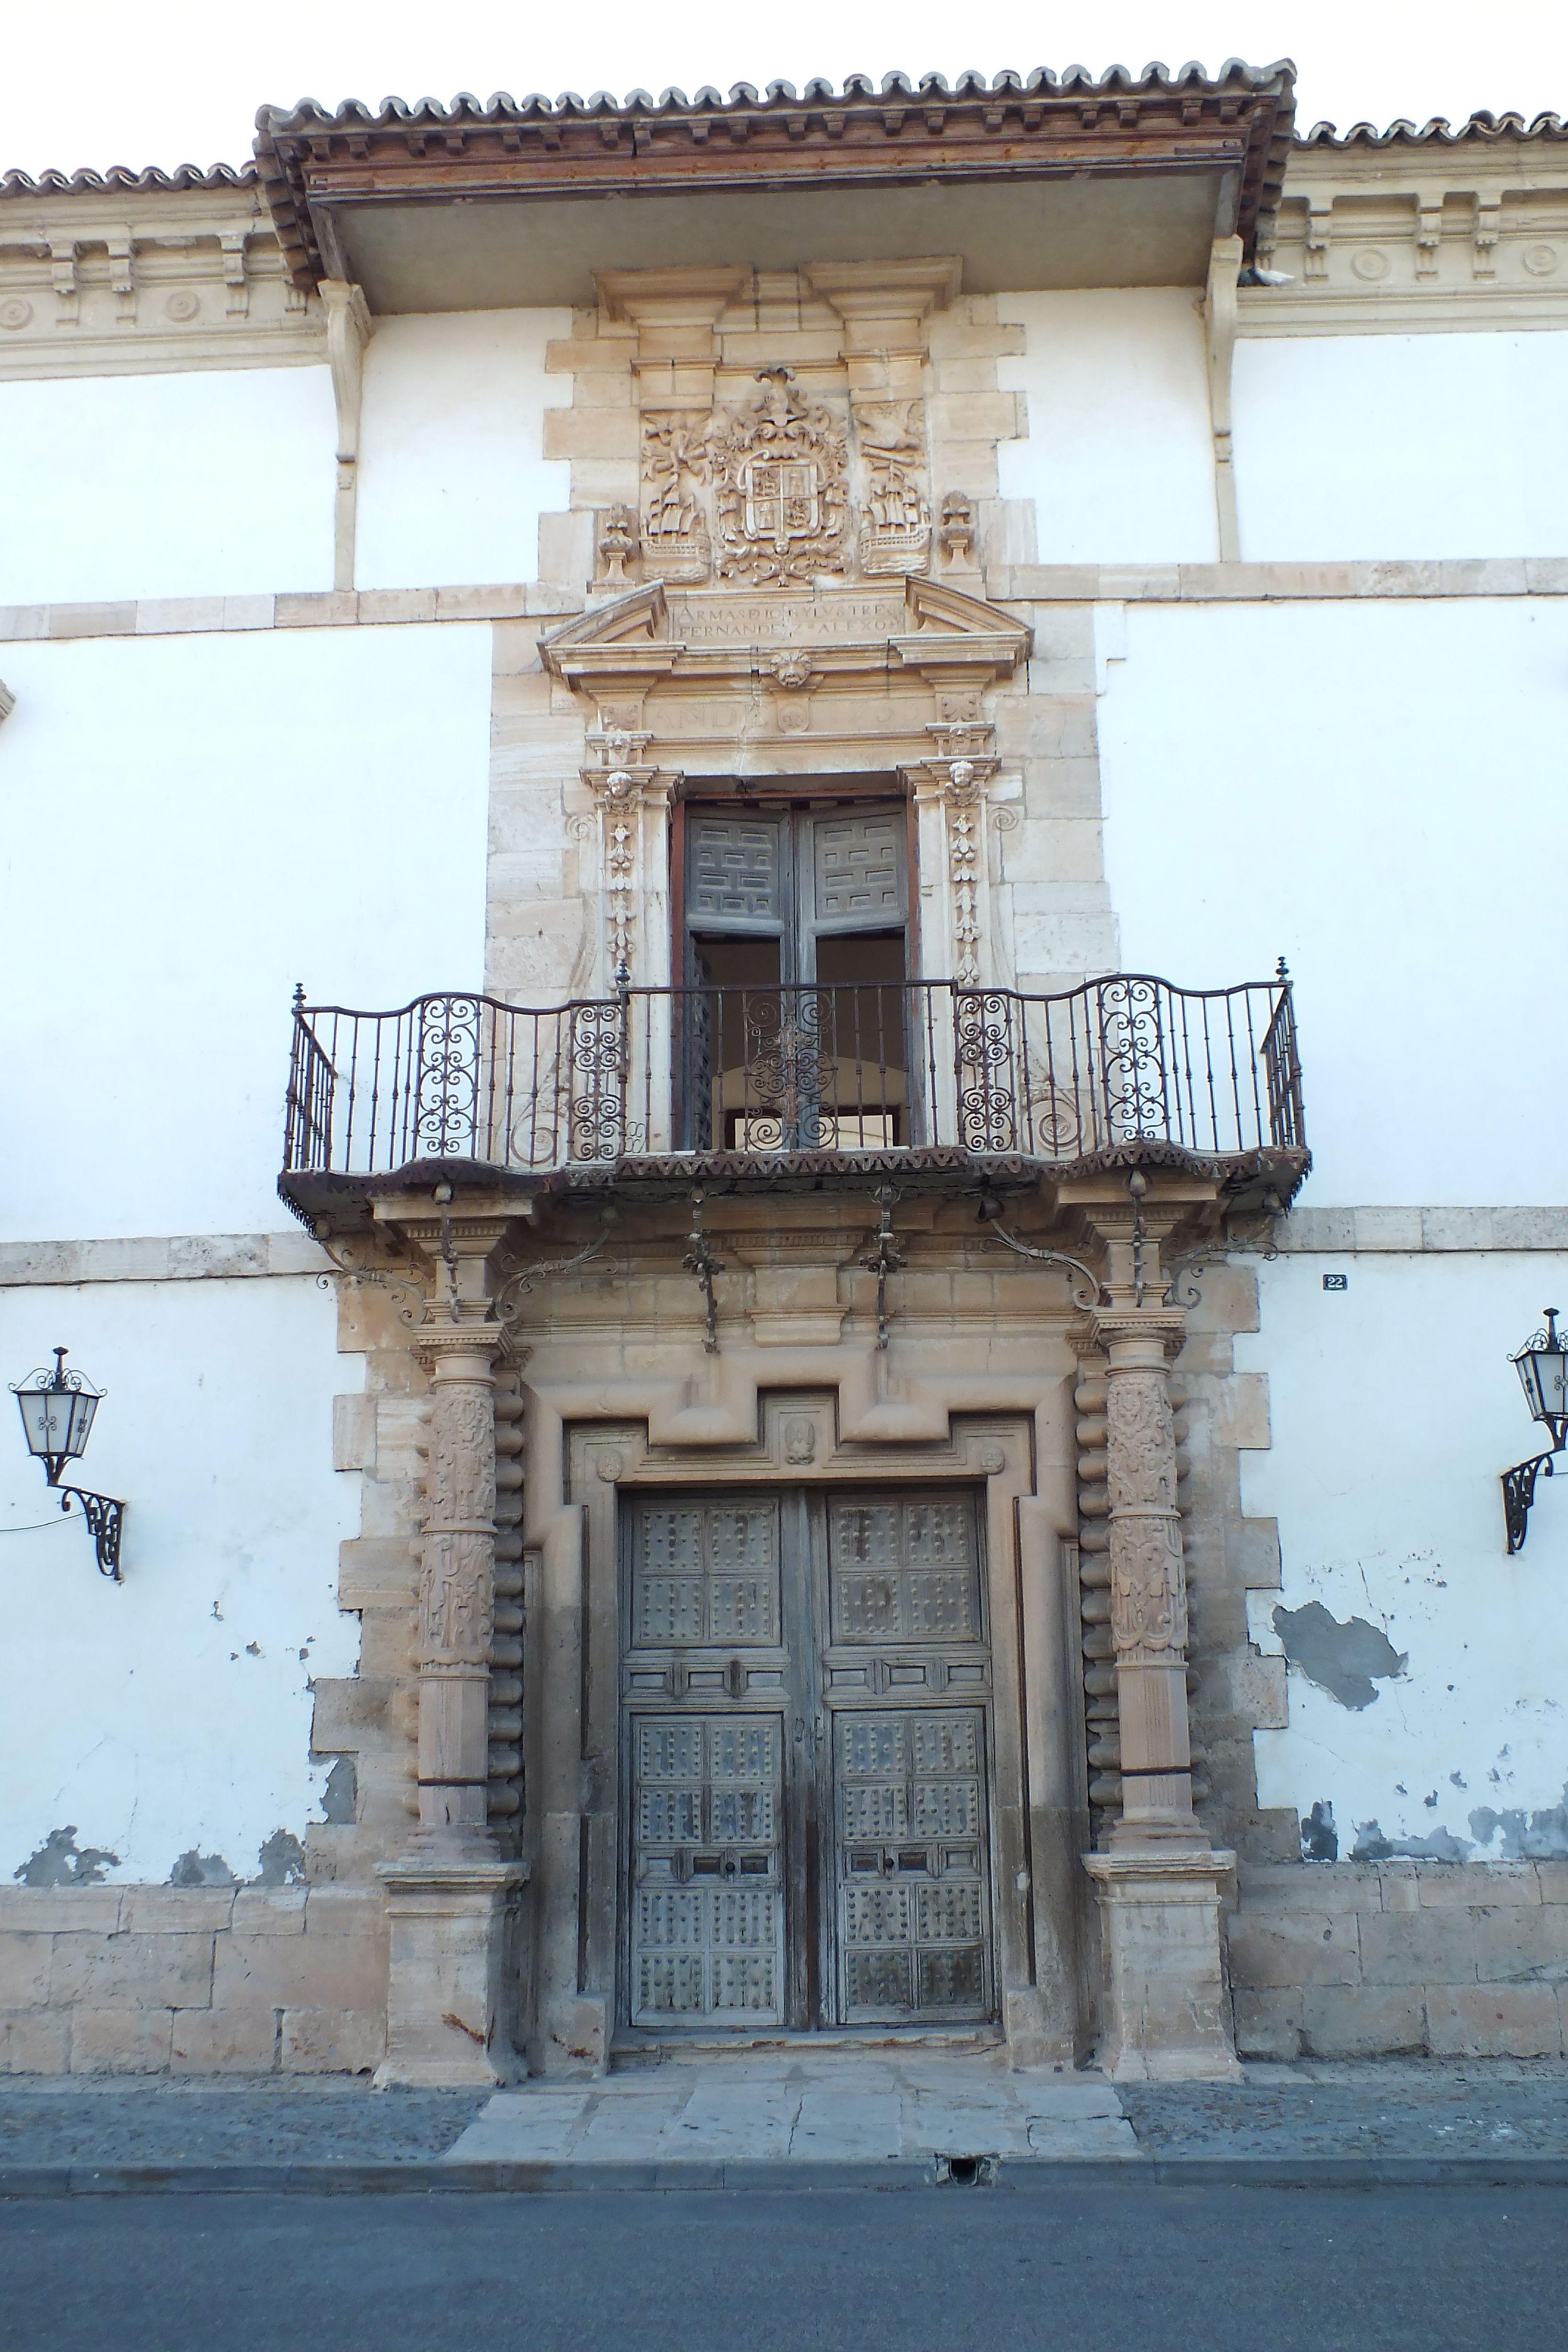 Tembleque, Provincia de Toledo. Spain. [By Valentin Enrique]